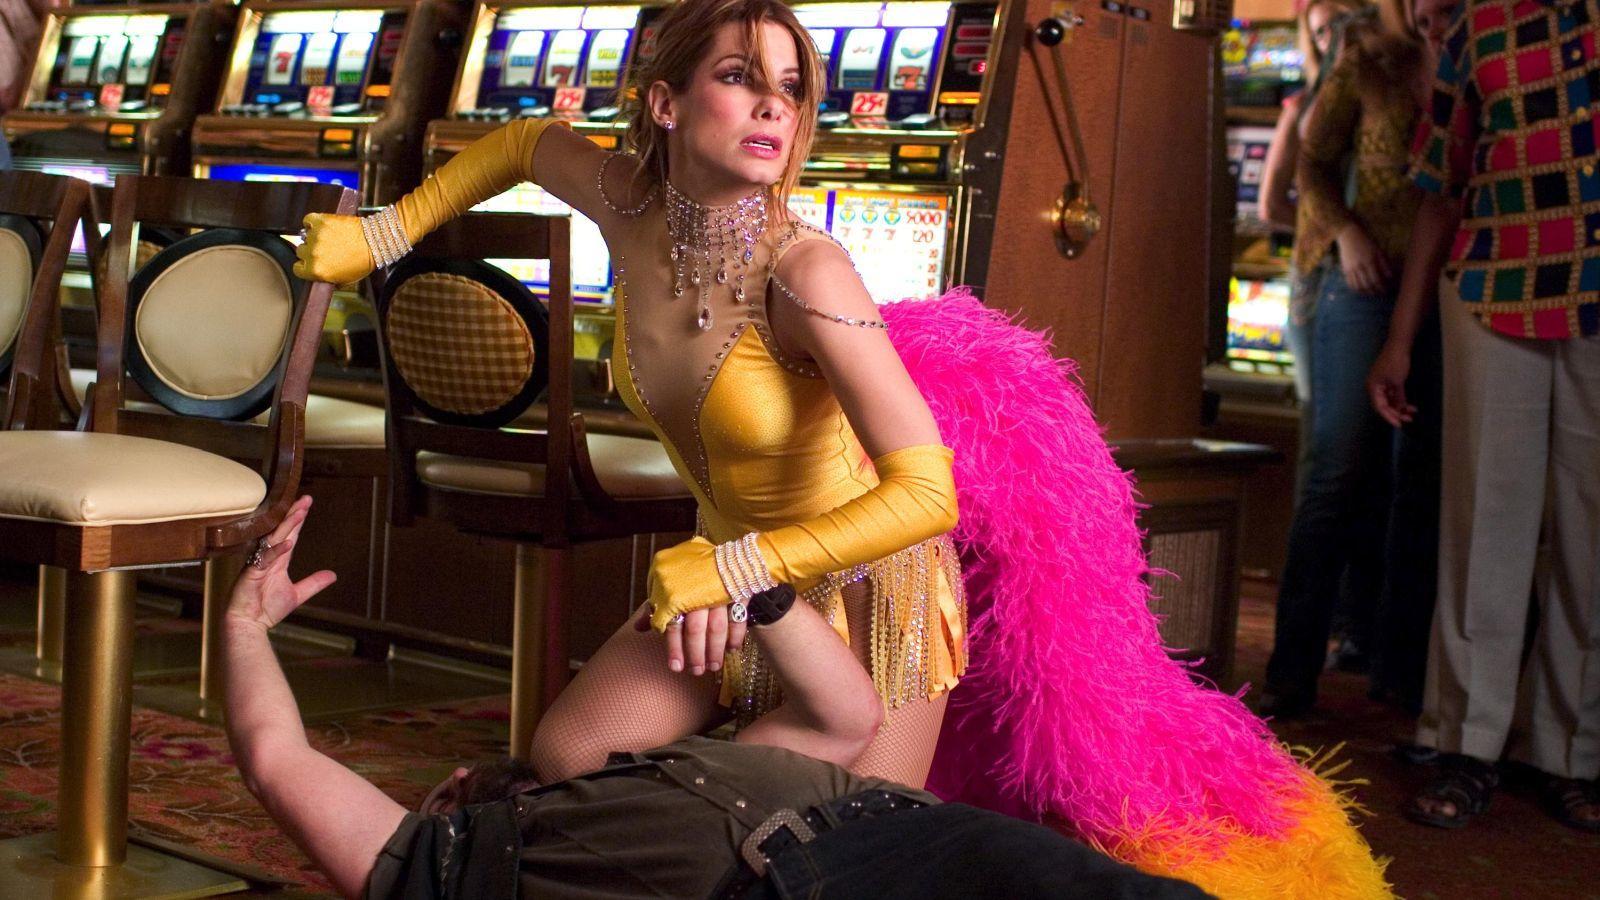 Sandra Bullock már a film megjelenése előtt is kifejezetten népszerű volt, ám miután Grace Hart bőrébe bújt, istentelenül nagy ikon lett belőle. A Beépített szépség hemzseg az emlékezetes pillanatoktól. (Moviestore Collection/Shutterstock)